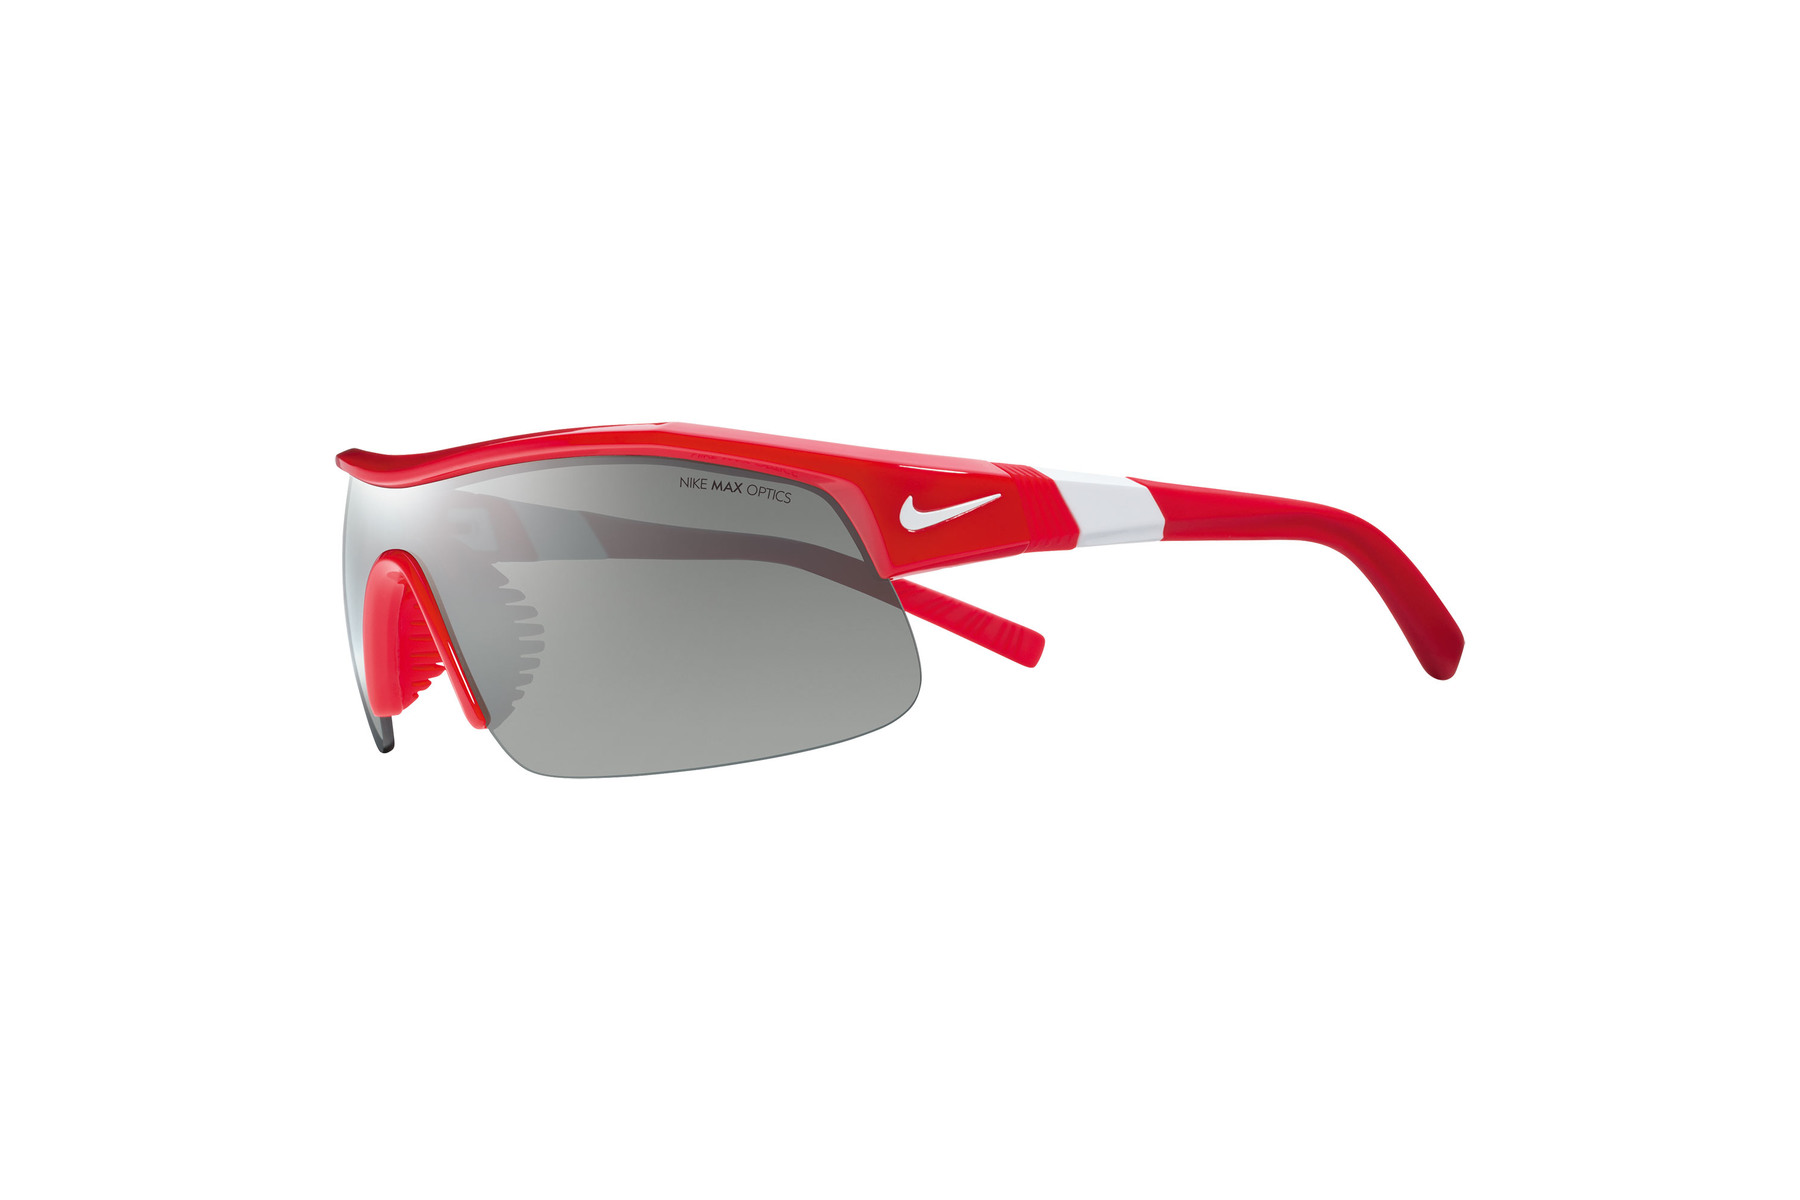 Nike SHOW X1 Sportbrillenset kaufen   ROSE Bikes